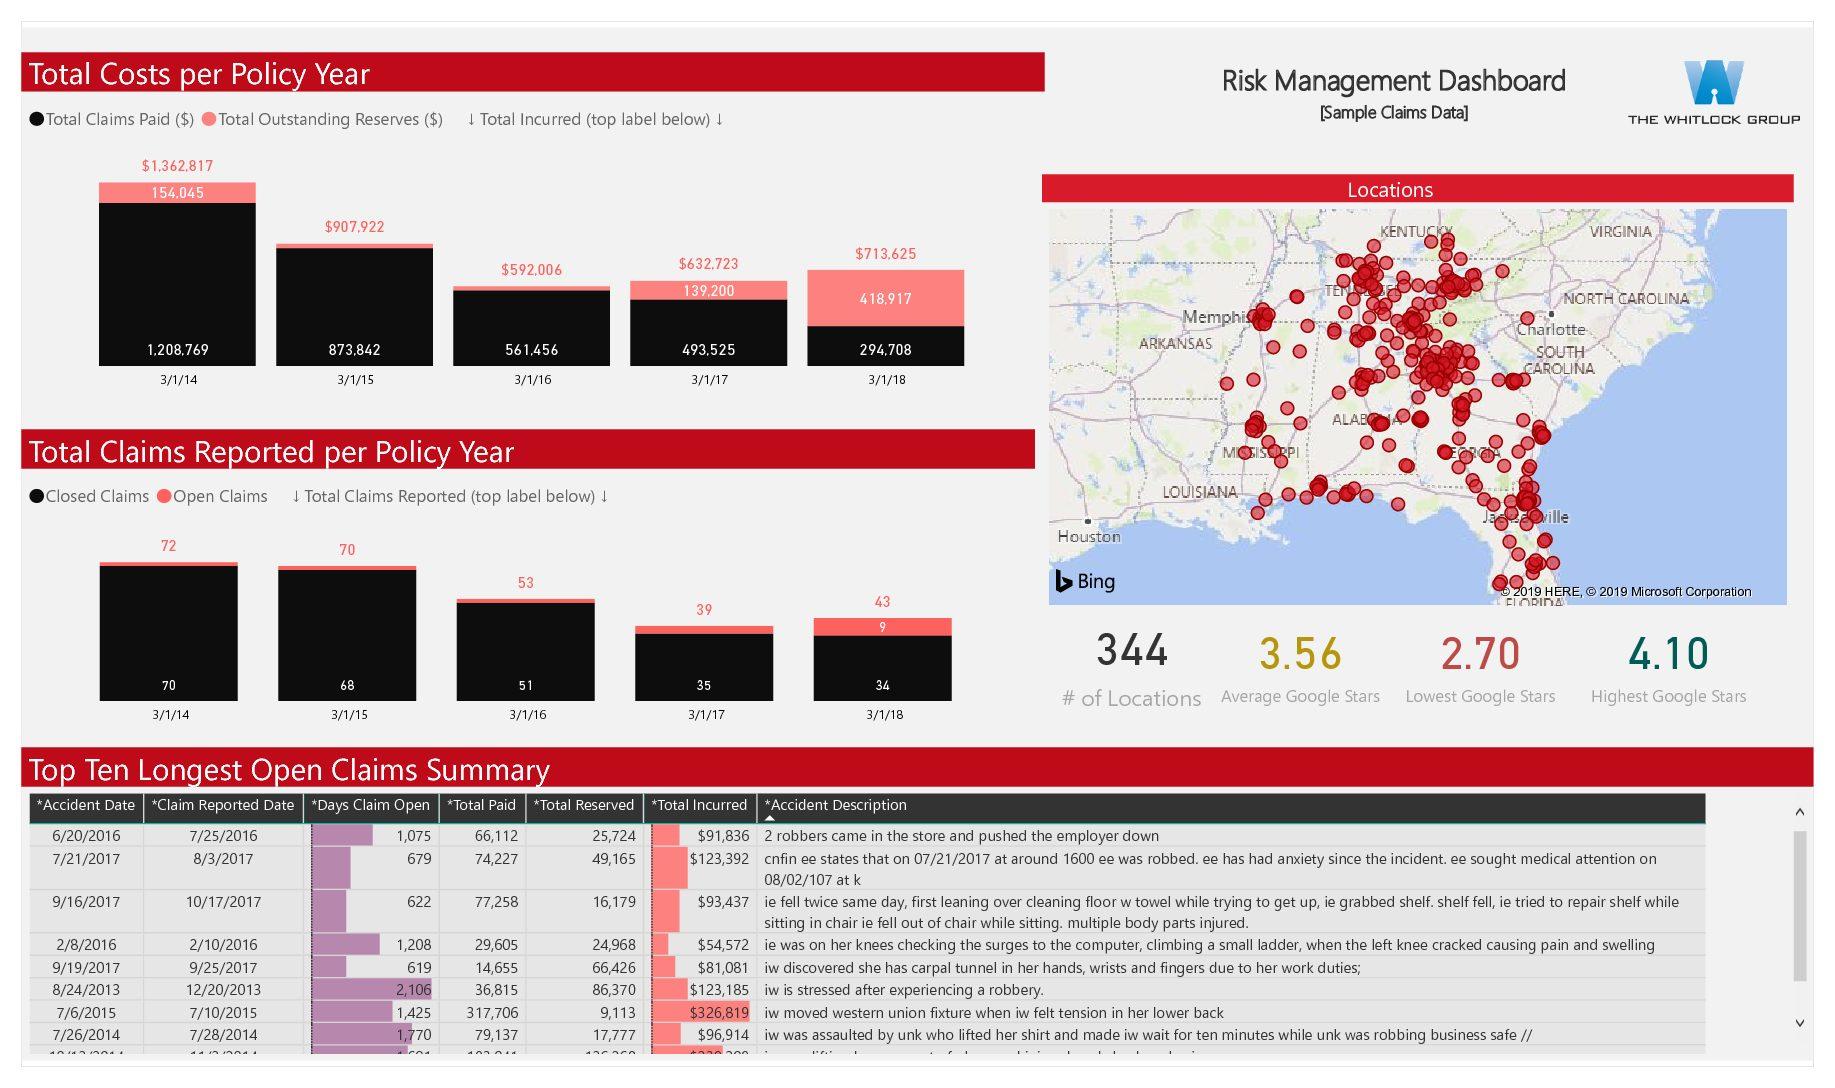 Sample Risk Management Dashboard